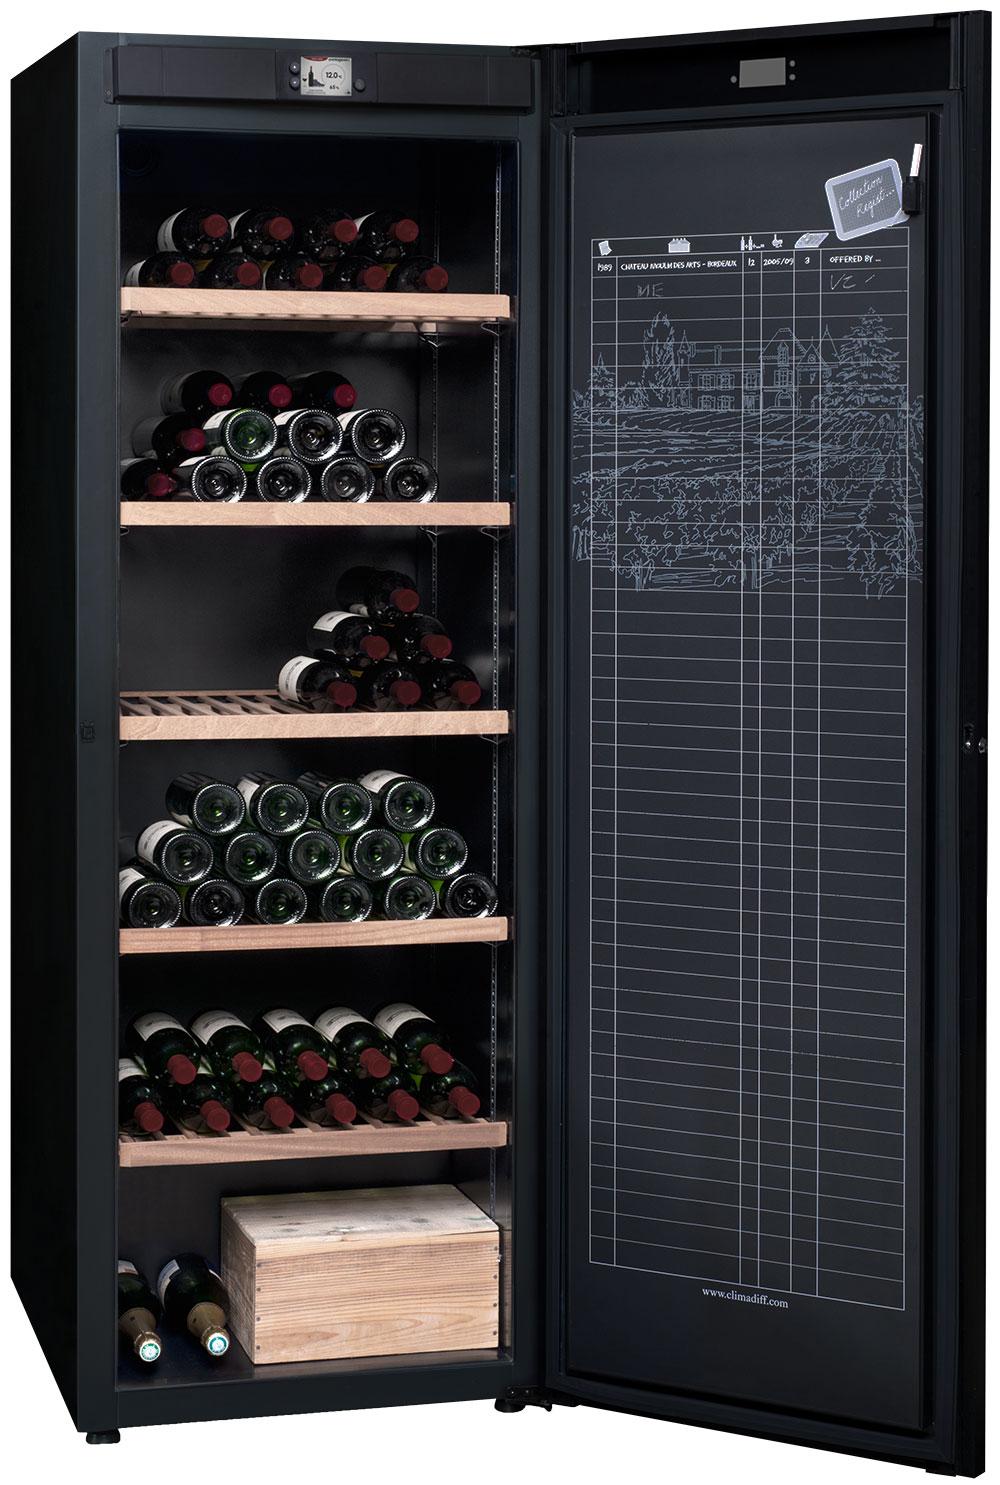 Vinlagringsskåp med monotemperatur i svart design